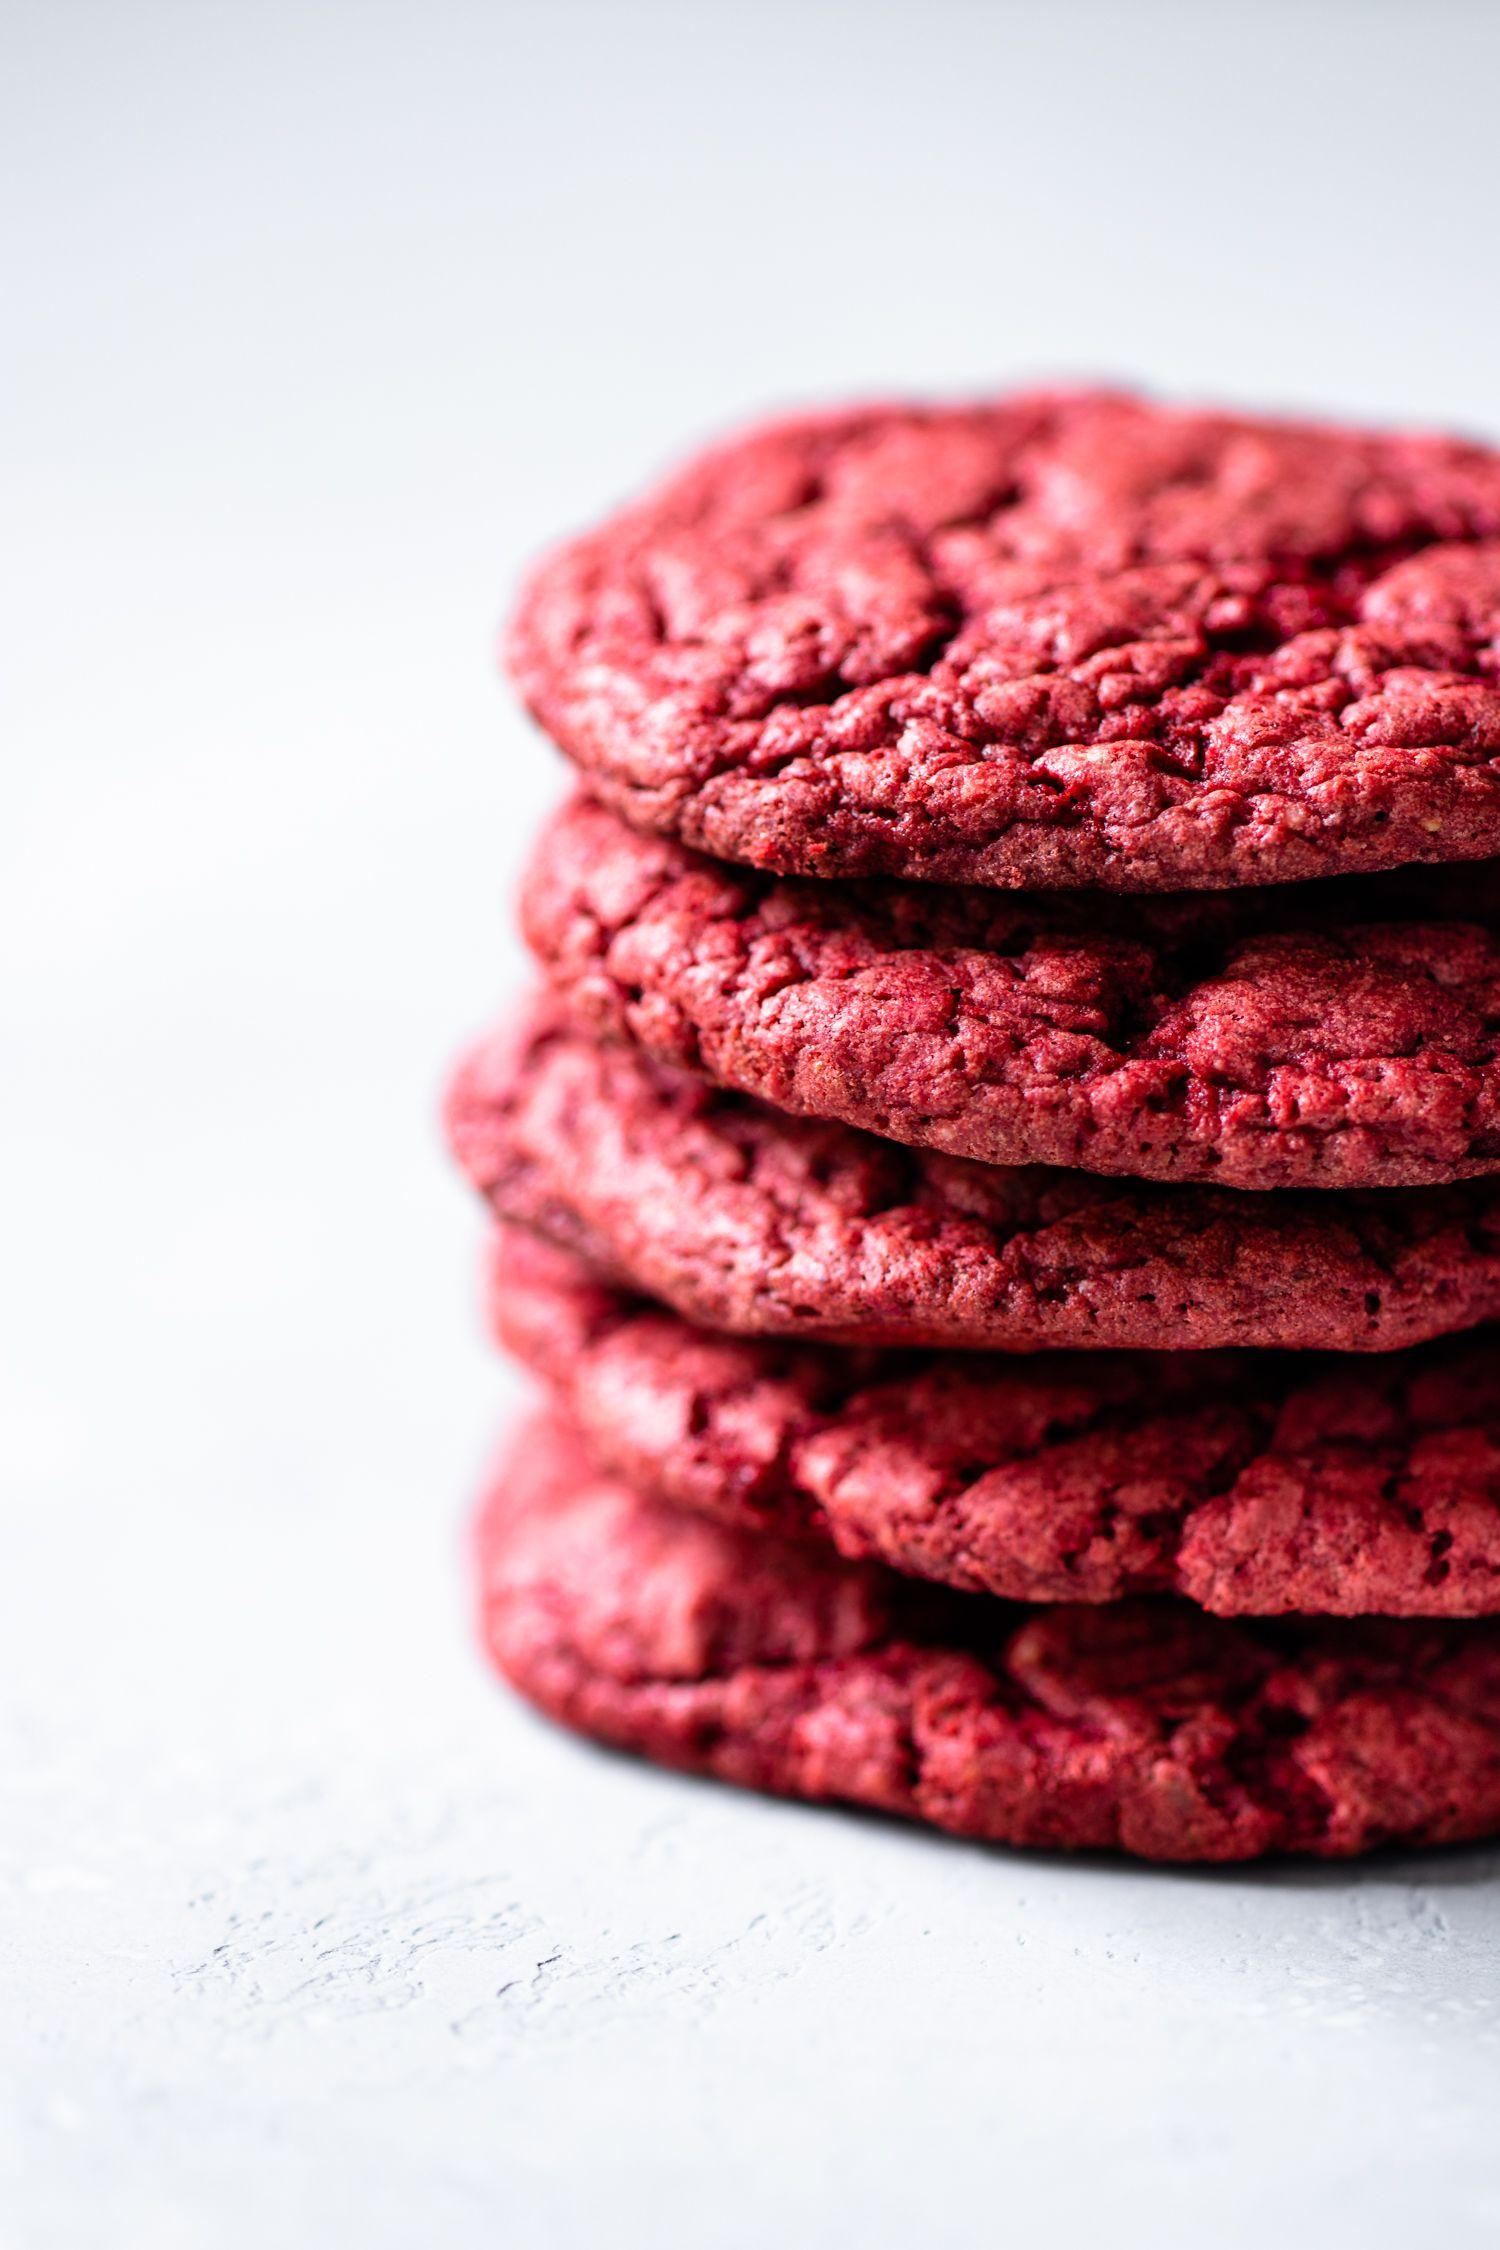 5 Ingredient Red Velvet Cookies Murielle Banackissa Red Velvet Cake Cookies Red Velvet Cookies Red Velvet Cake Mix Cookies